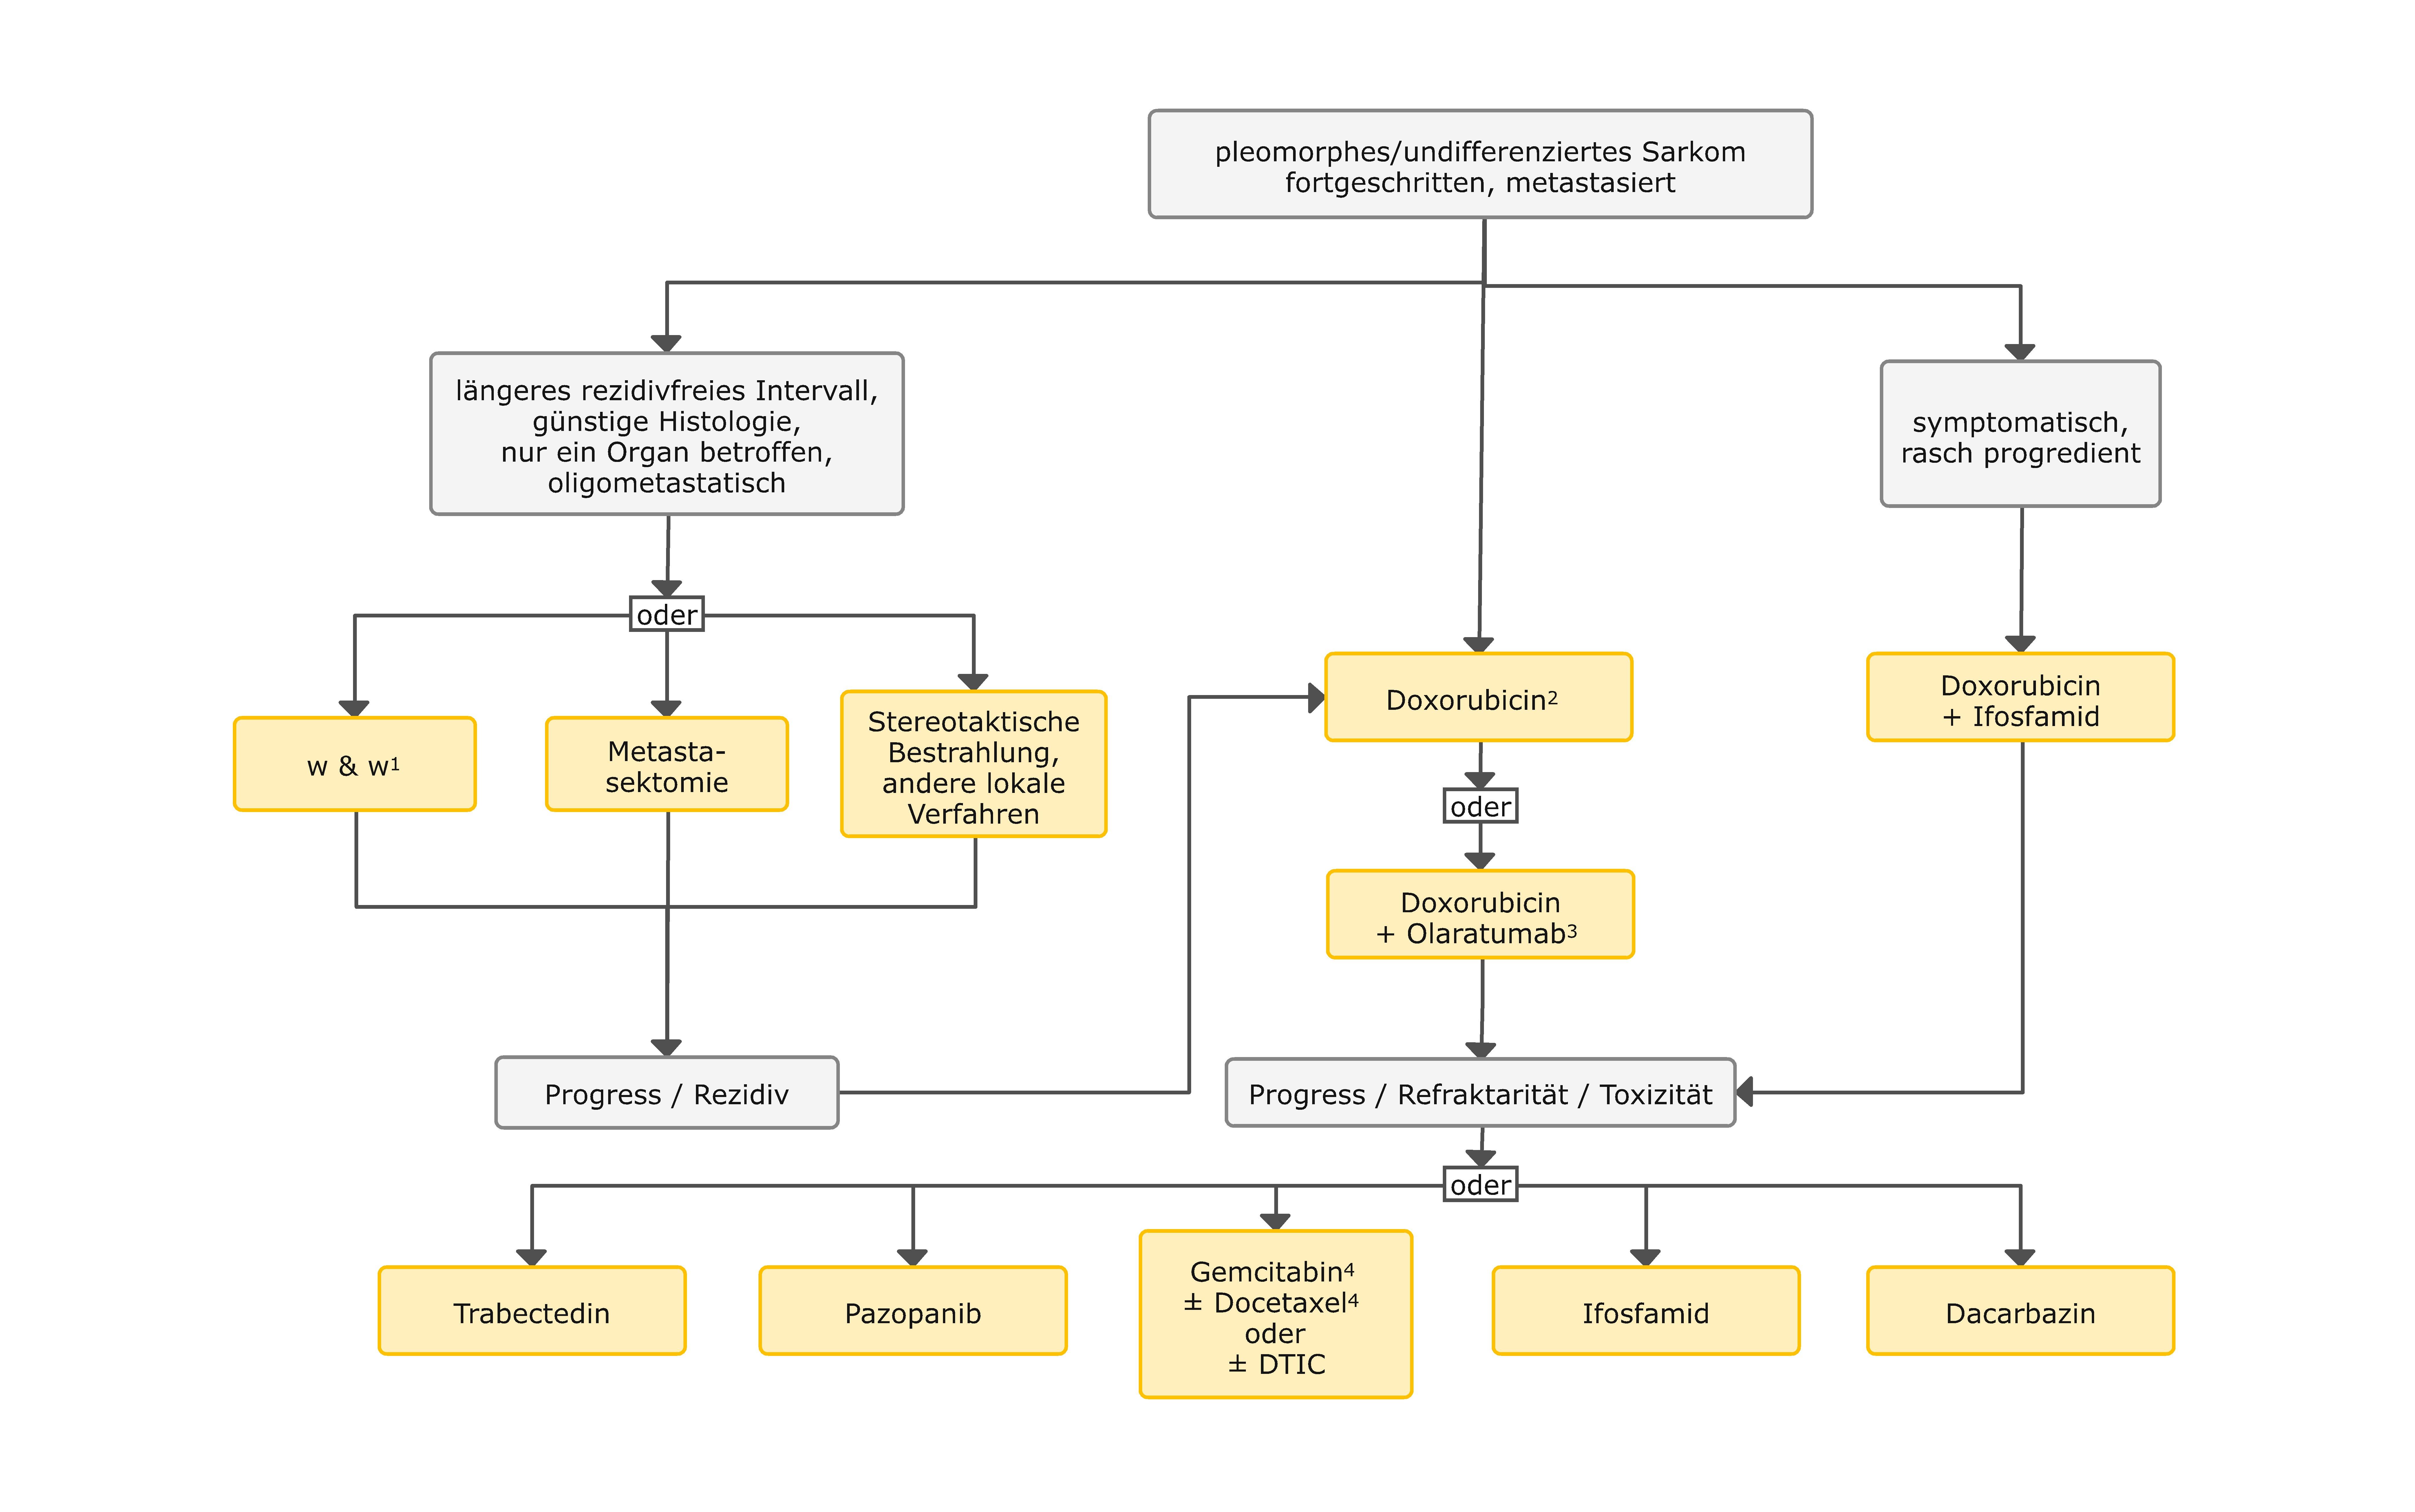 Therapiealgorithmus beim undifferenzierten pleomorphen / nicht klassifizierbaren Sarkom